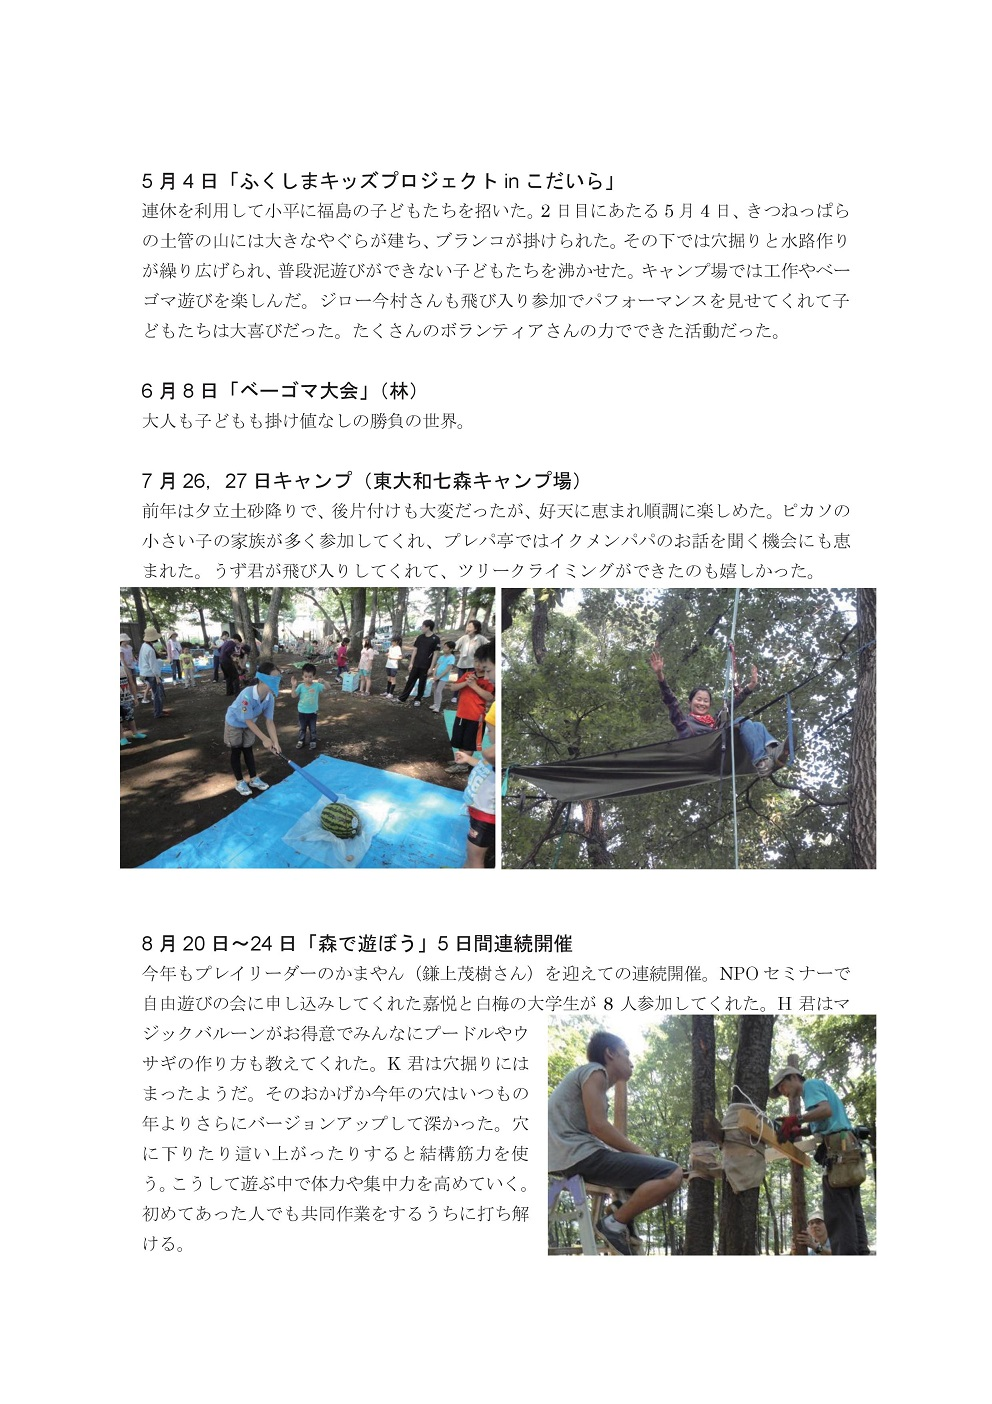 2014年度 活動報告書 こだいら自由遊びの会2-002.jpg